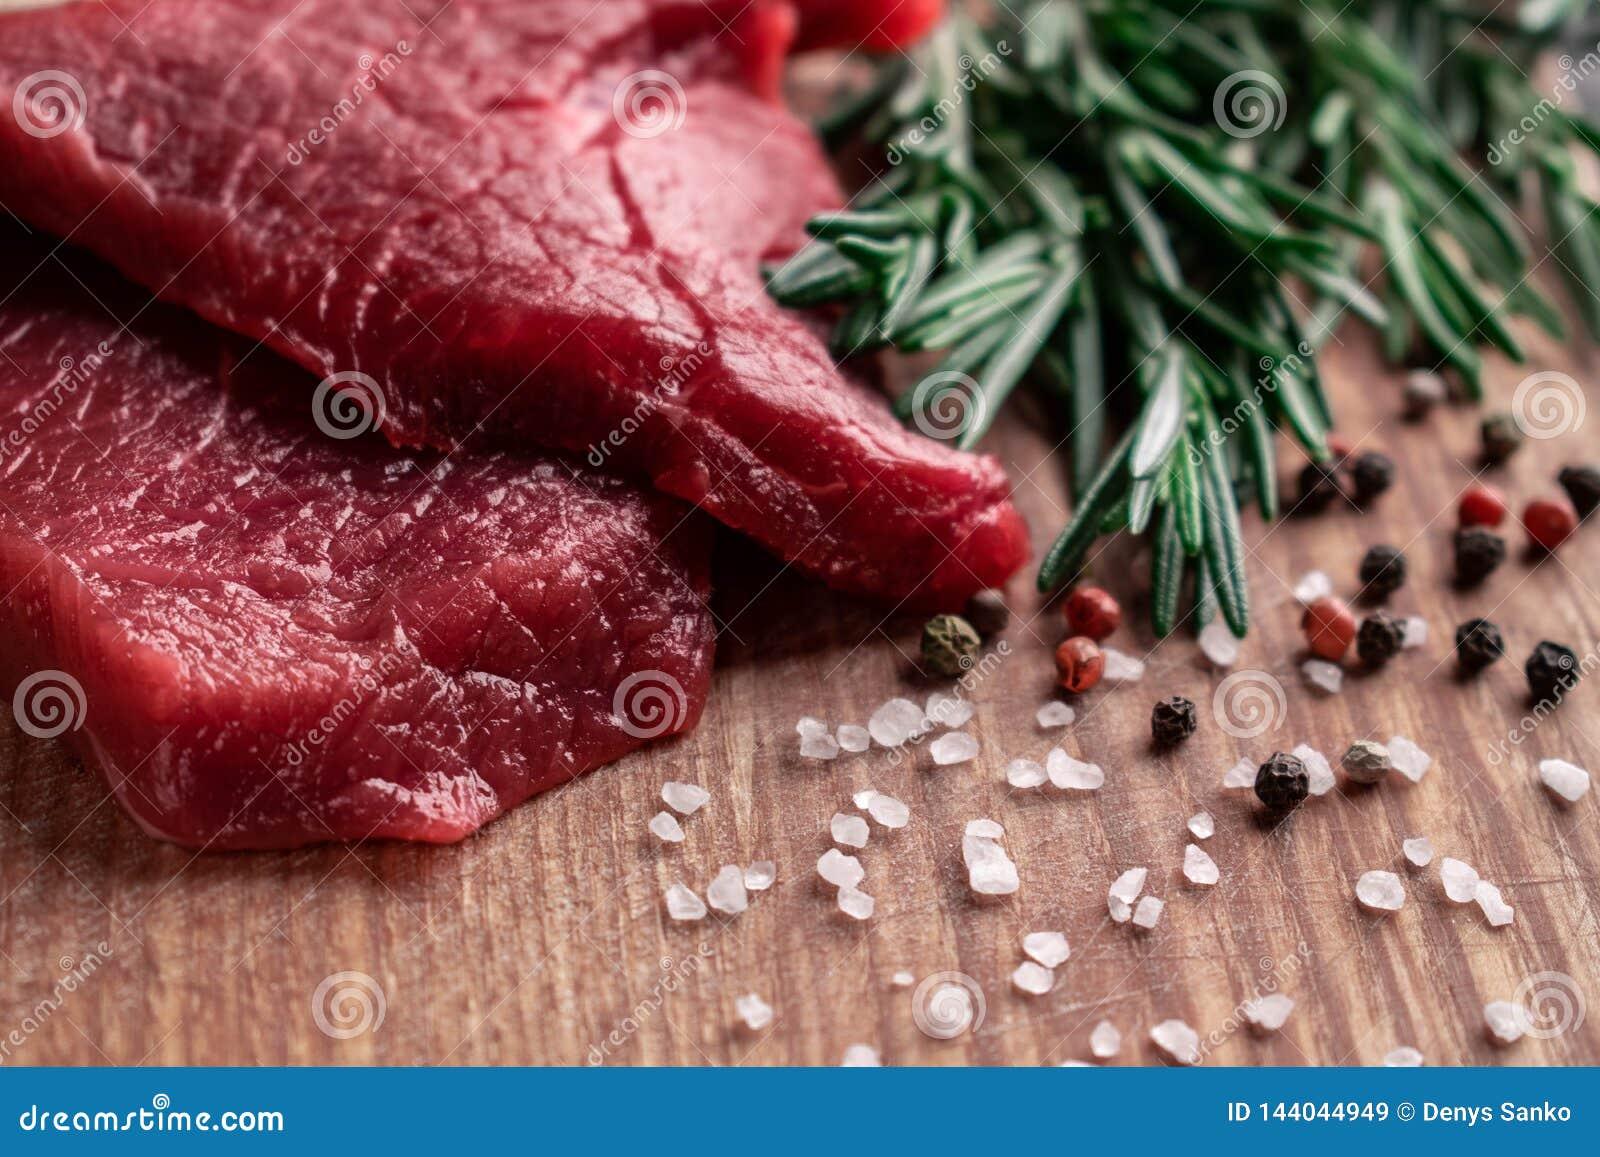 Bife cru com preto dos alecrins, pimenta vermelha e sal grosseiro do mar